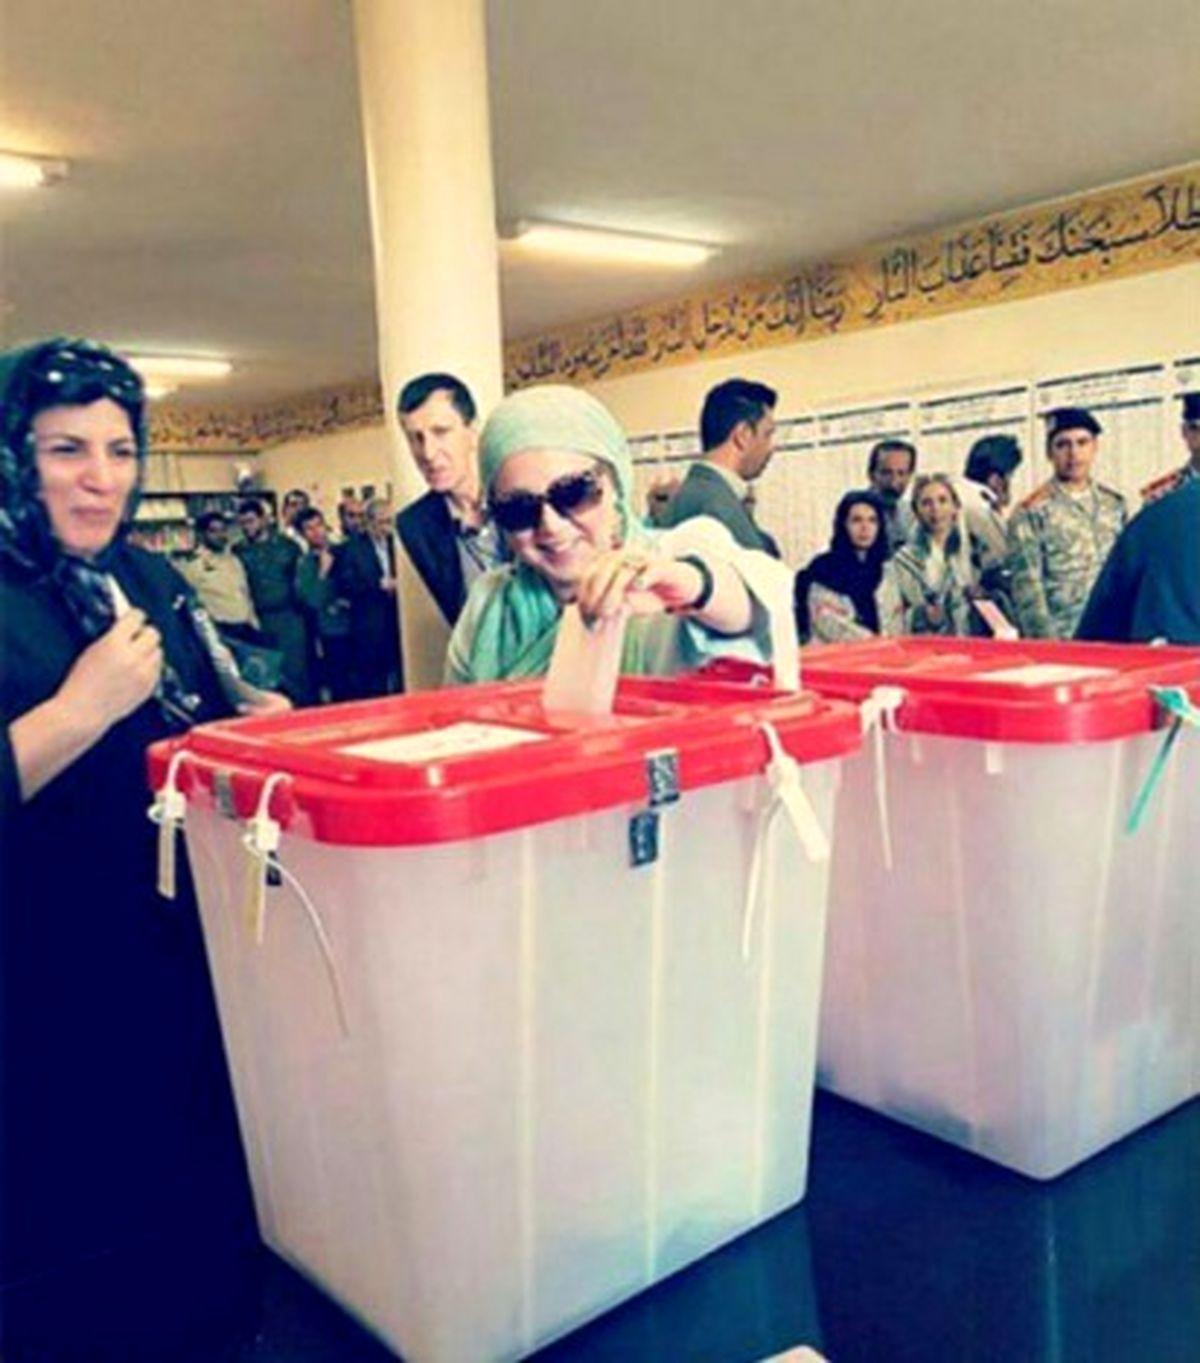 بهنوش بختیاری بازیگر سرشناس سینما و تلویزیون ایران در یکی ویدیو ظاهراً تبلیغاتی از مردم برای شرکت در انتخابات ریاست جمهوری پیش رو که روز جمعه 28 خرداد برگزار خواهد شد، دعوت کرده است.